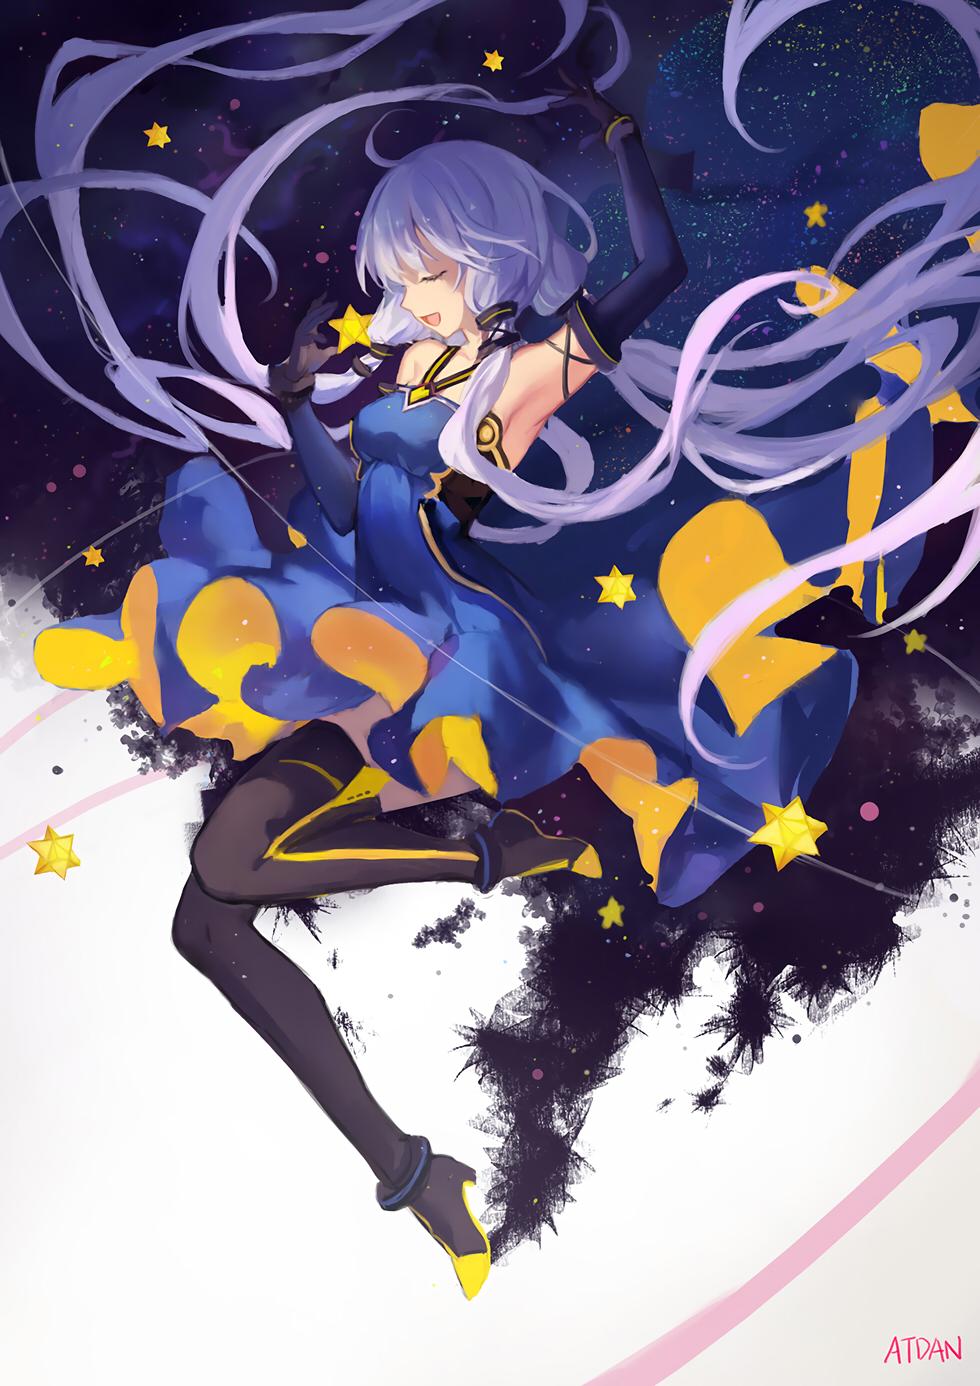 Stardust Vocaloid Zerochan Anime Image Board